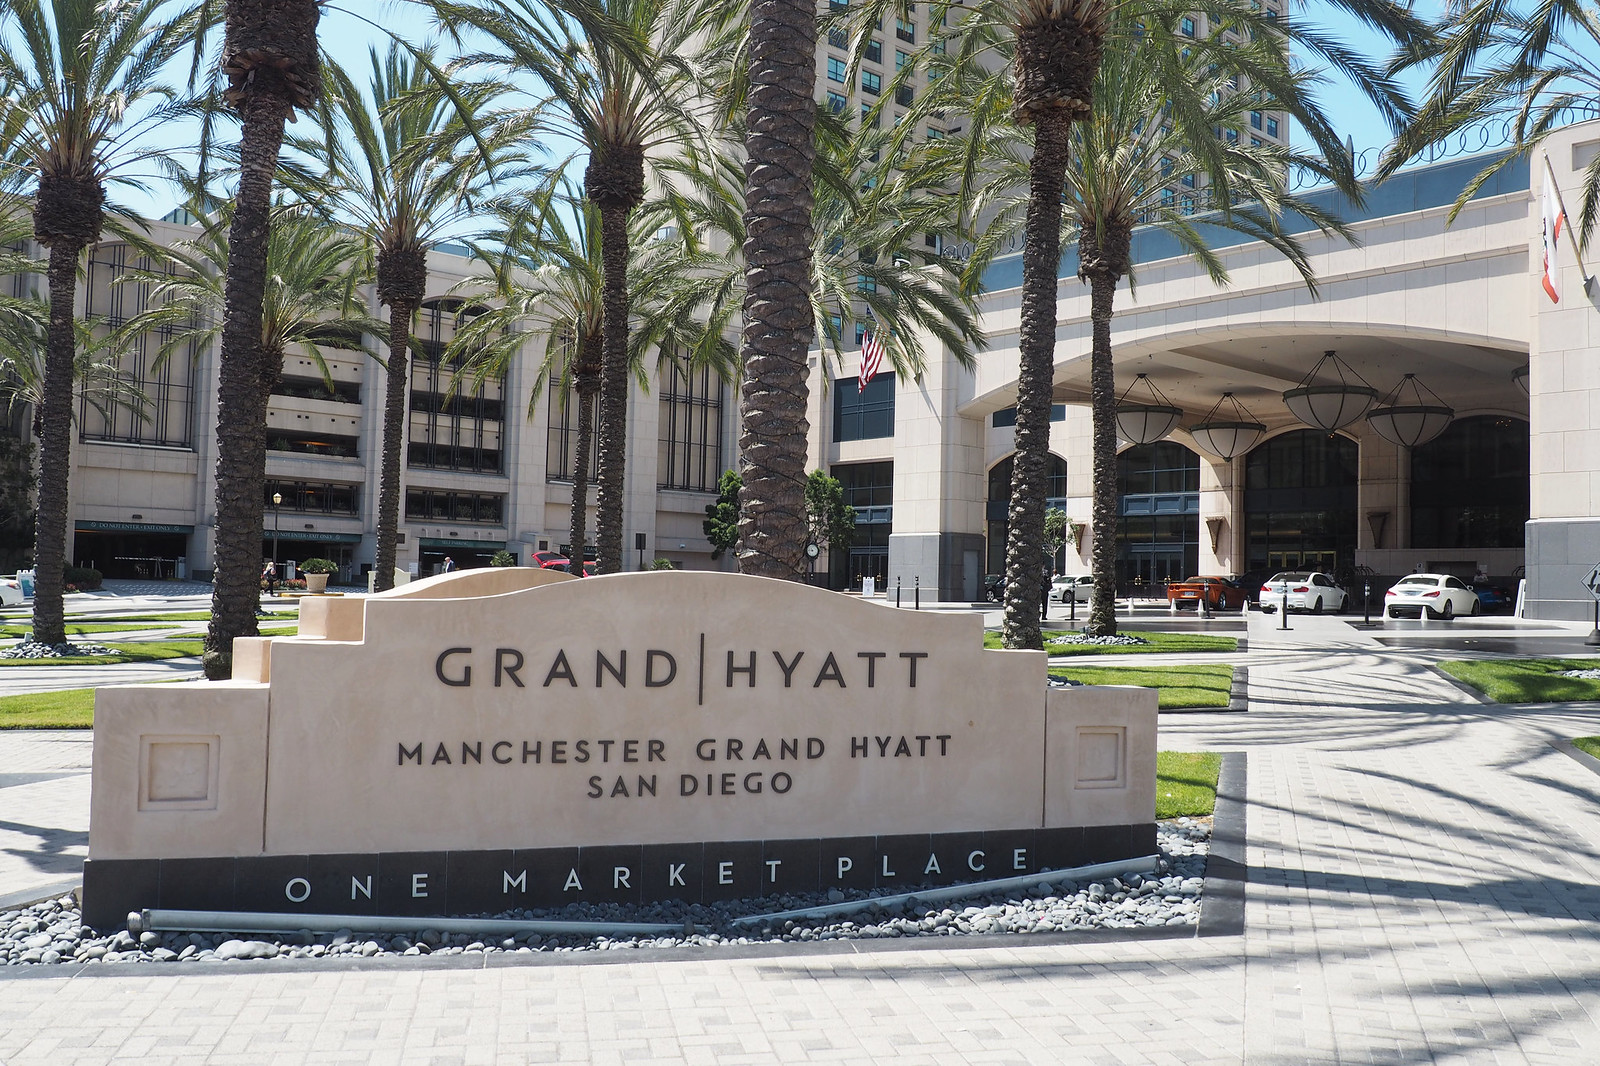 Grand Hyatt Manchester Hotel San Diego